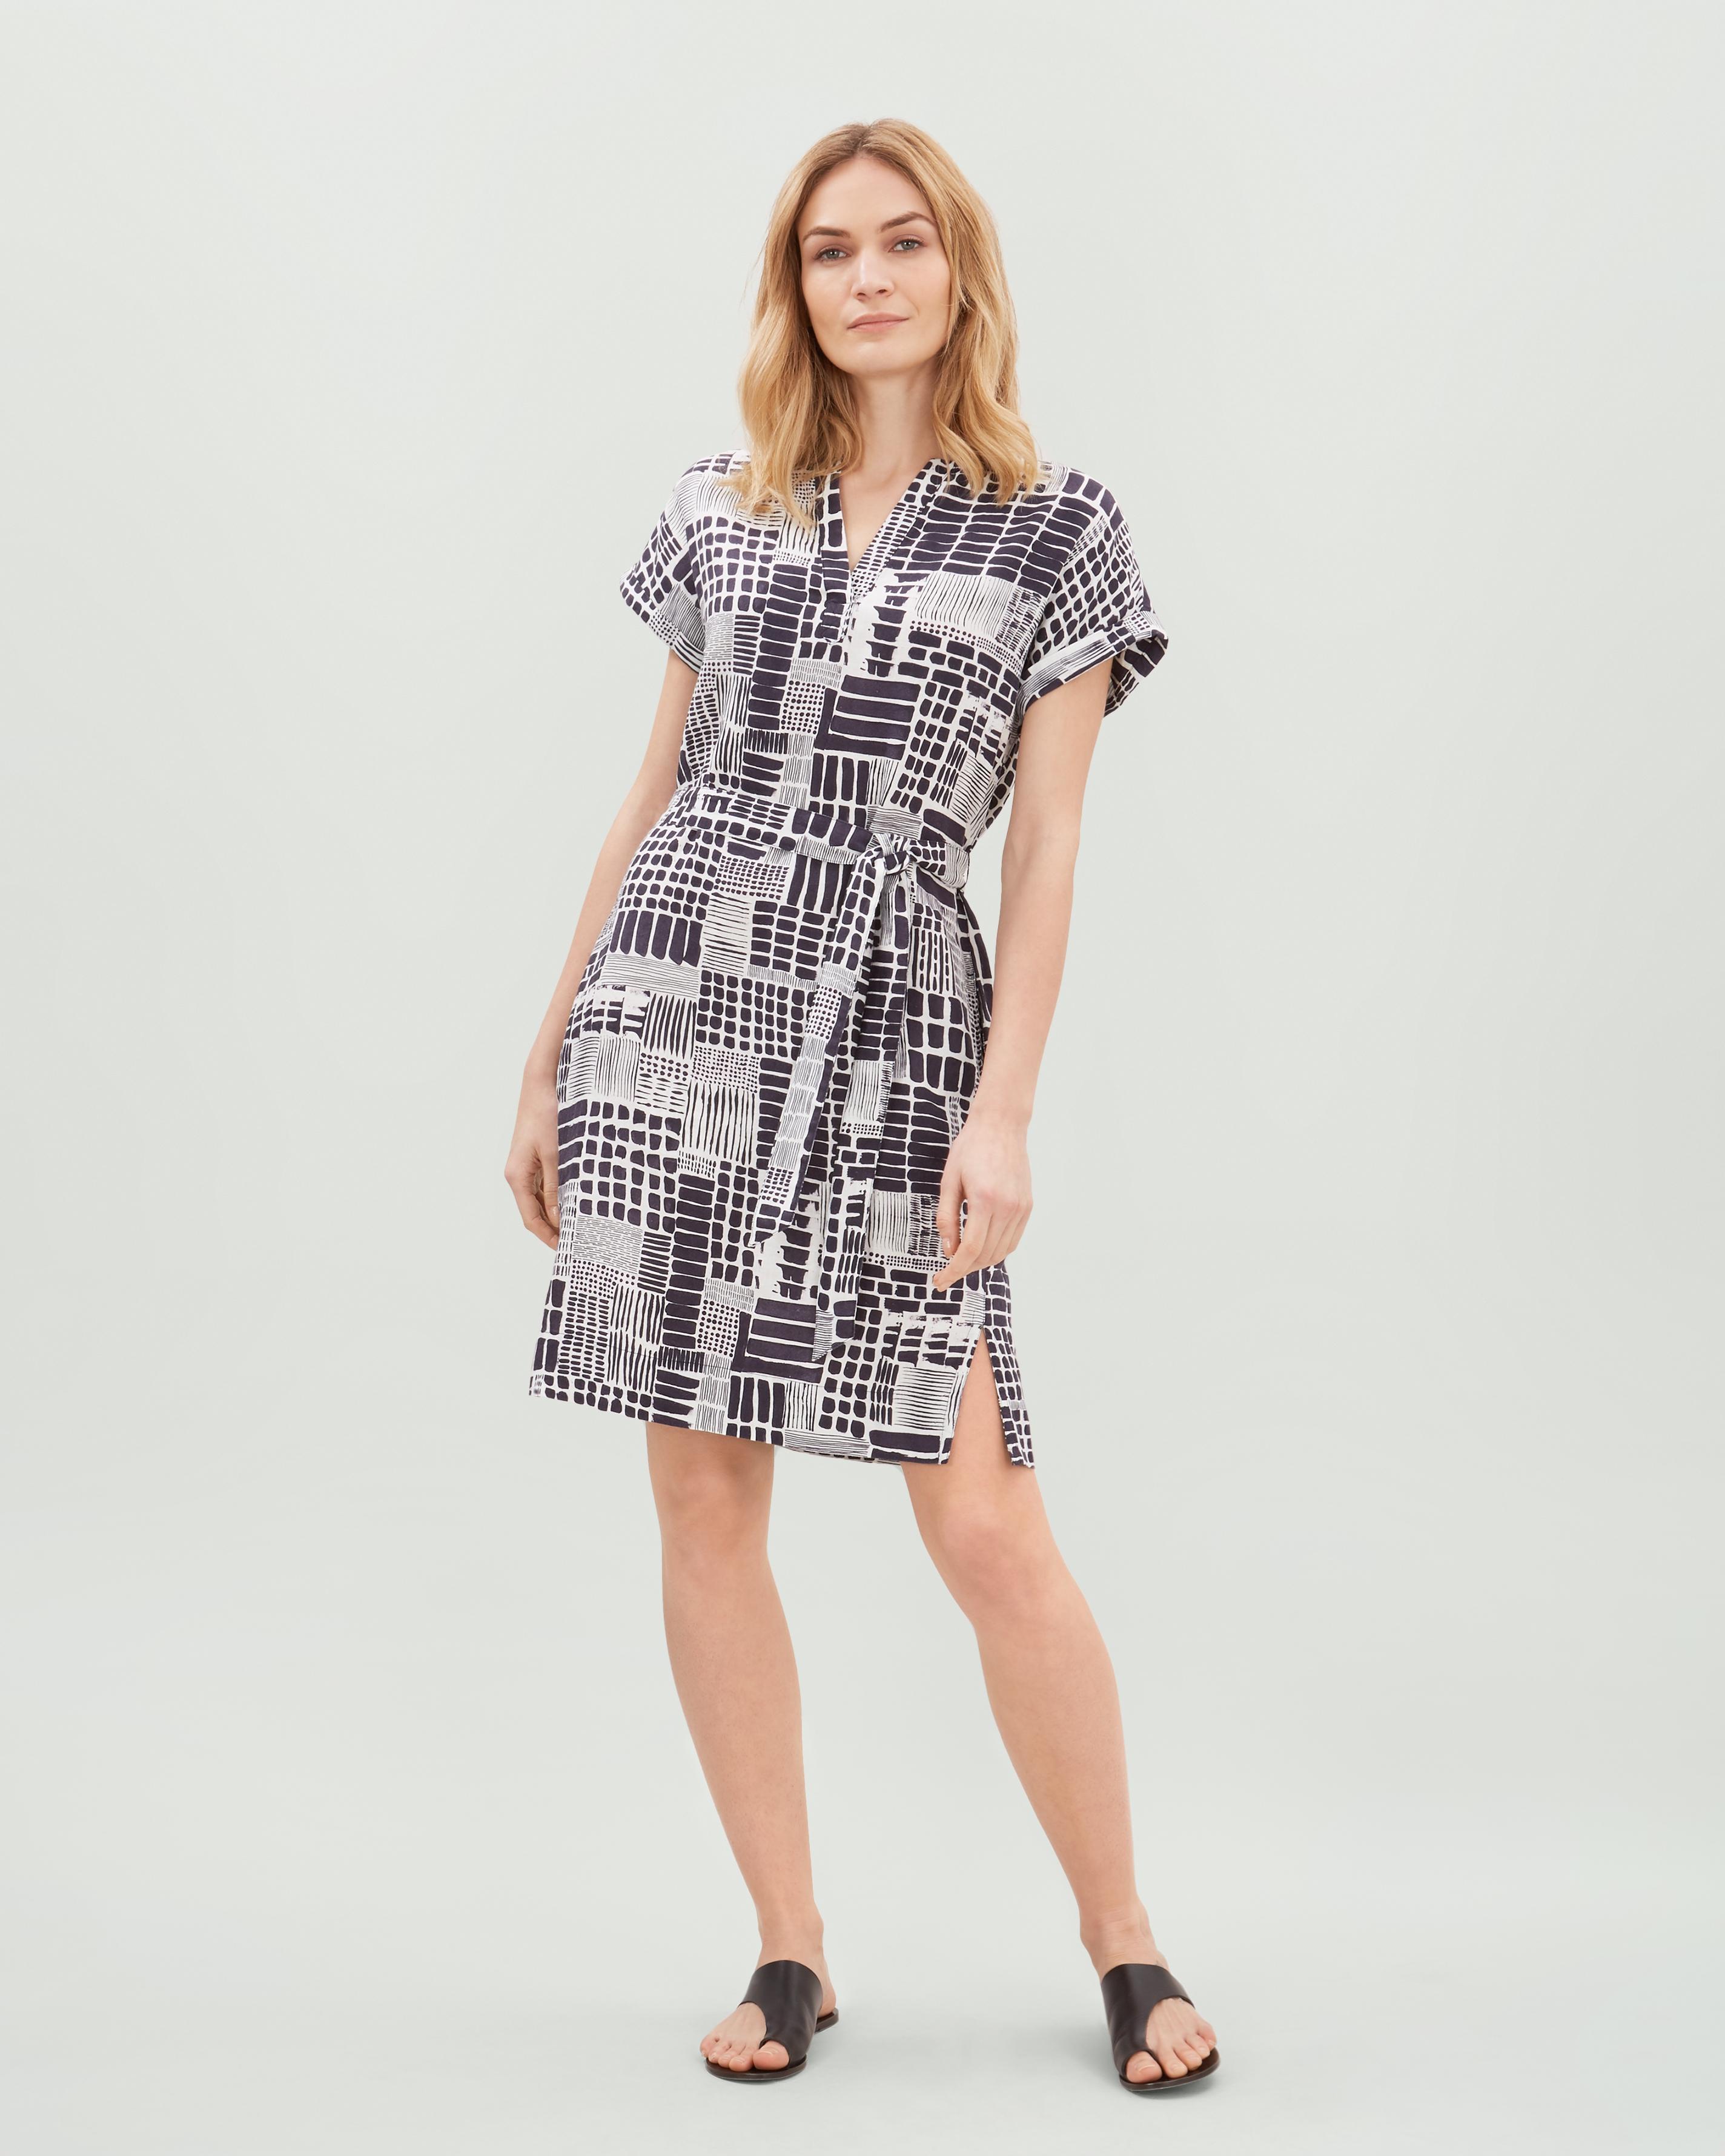 Lyst - Jaeger Tile Print Linen Seam Detail Dress in Blue e0b96a33f